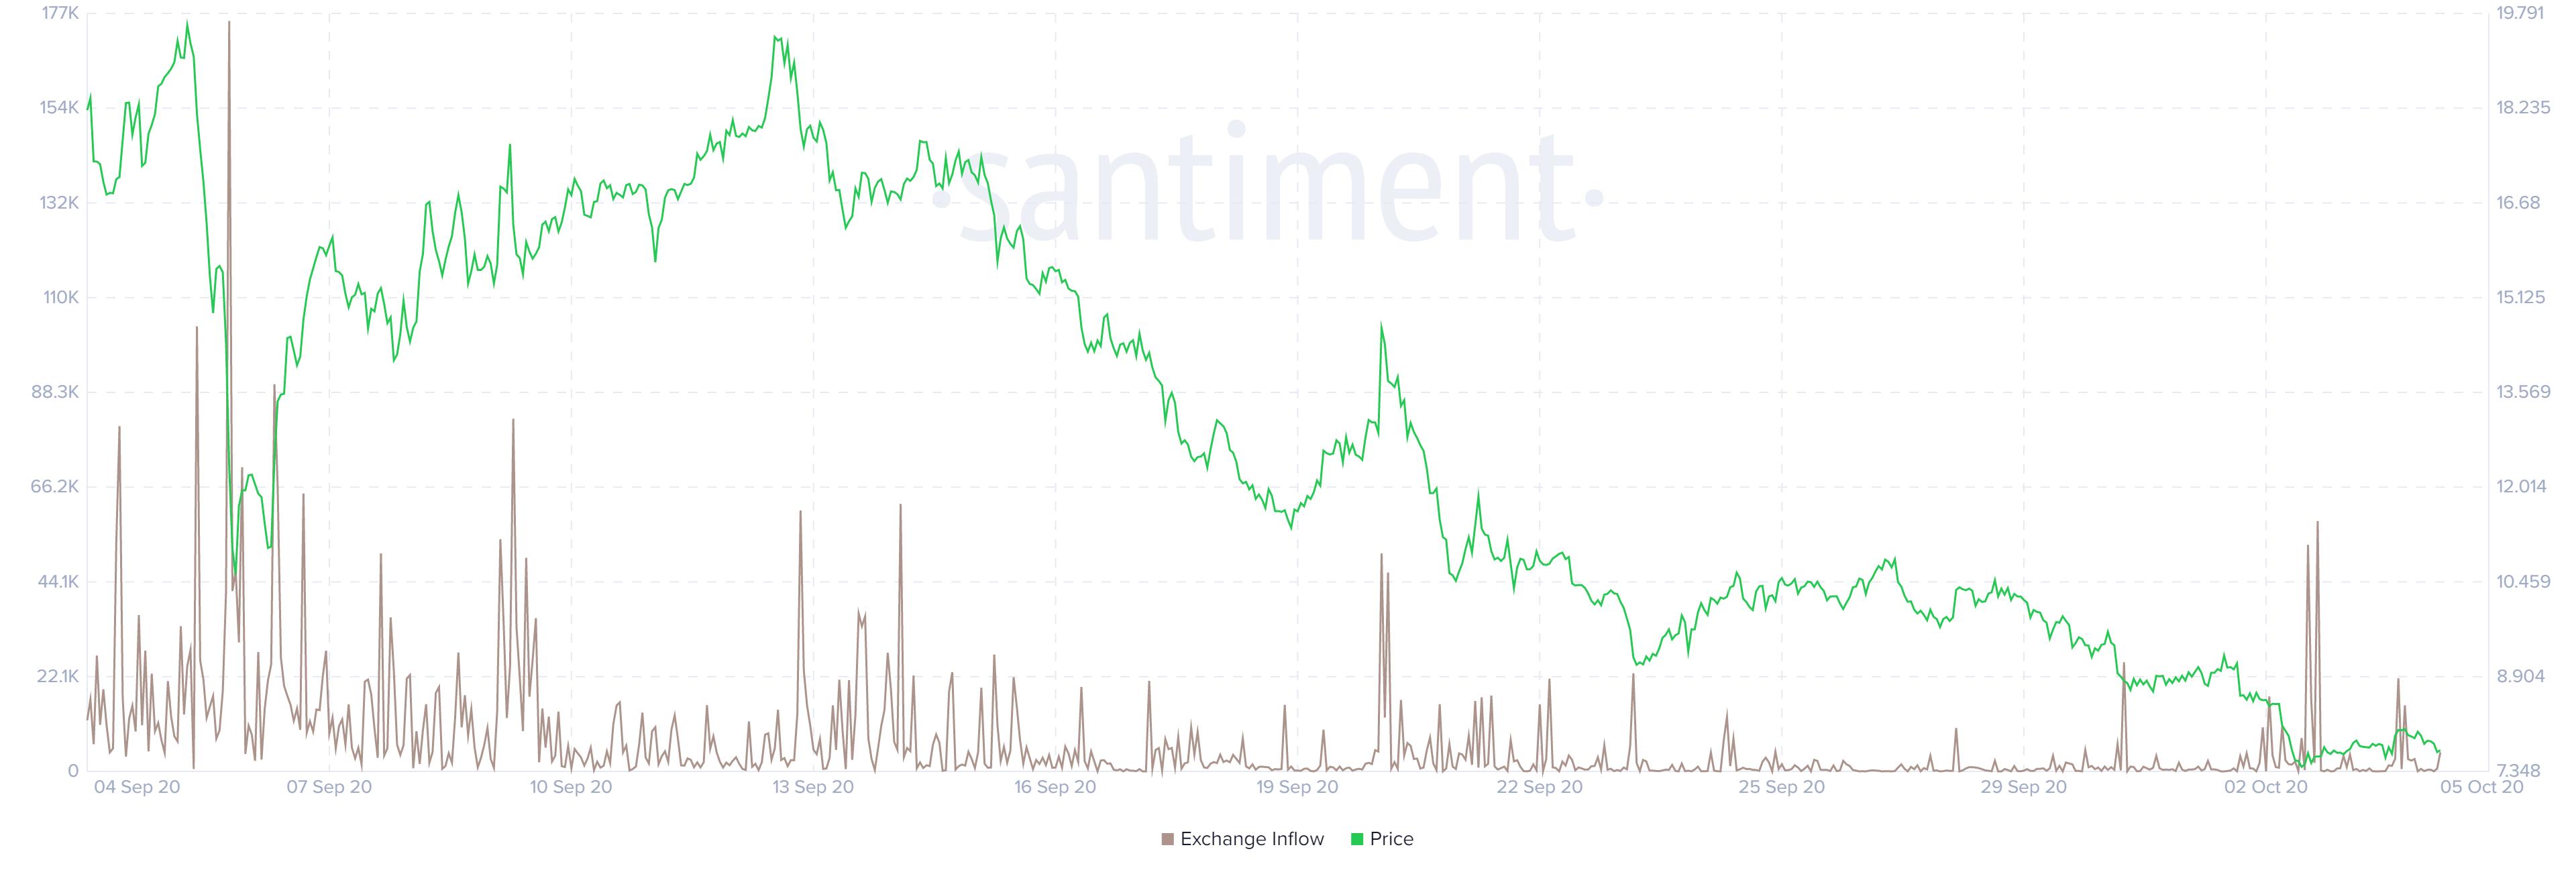 UMA exchange inflow